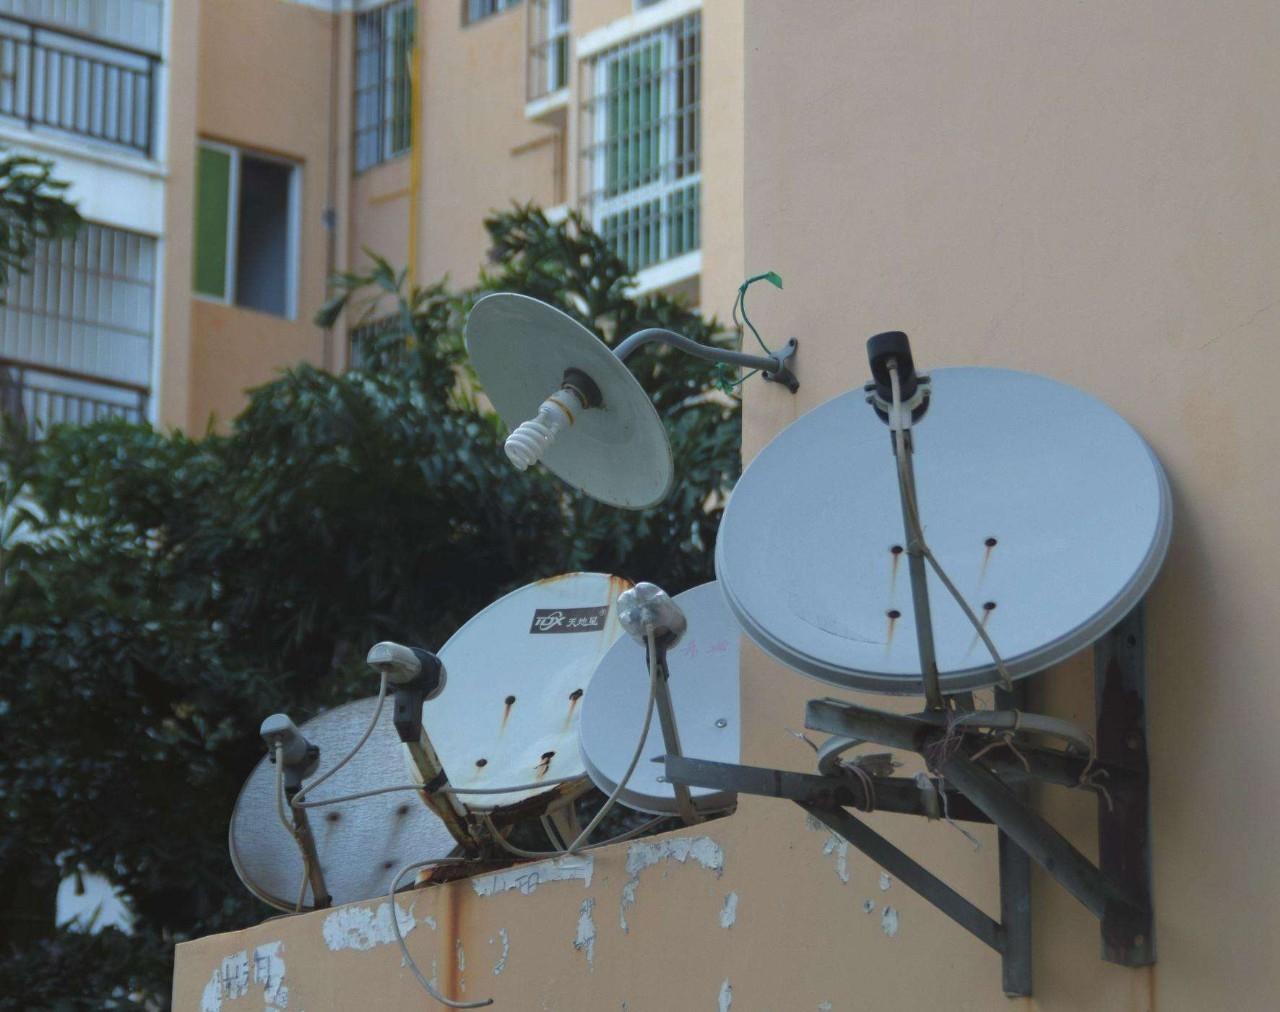 【通告】前郭县非法安装和使用卫星地面接收设施专项治理工作领导小组办公室关于清理整治非法安装和使用卫星地面接收设施的通告